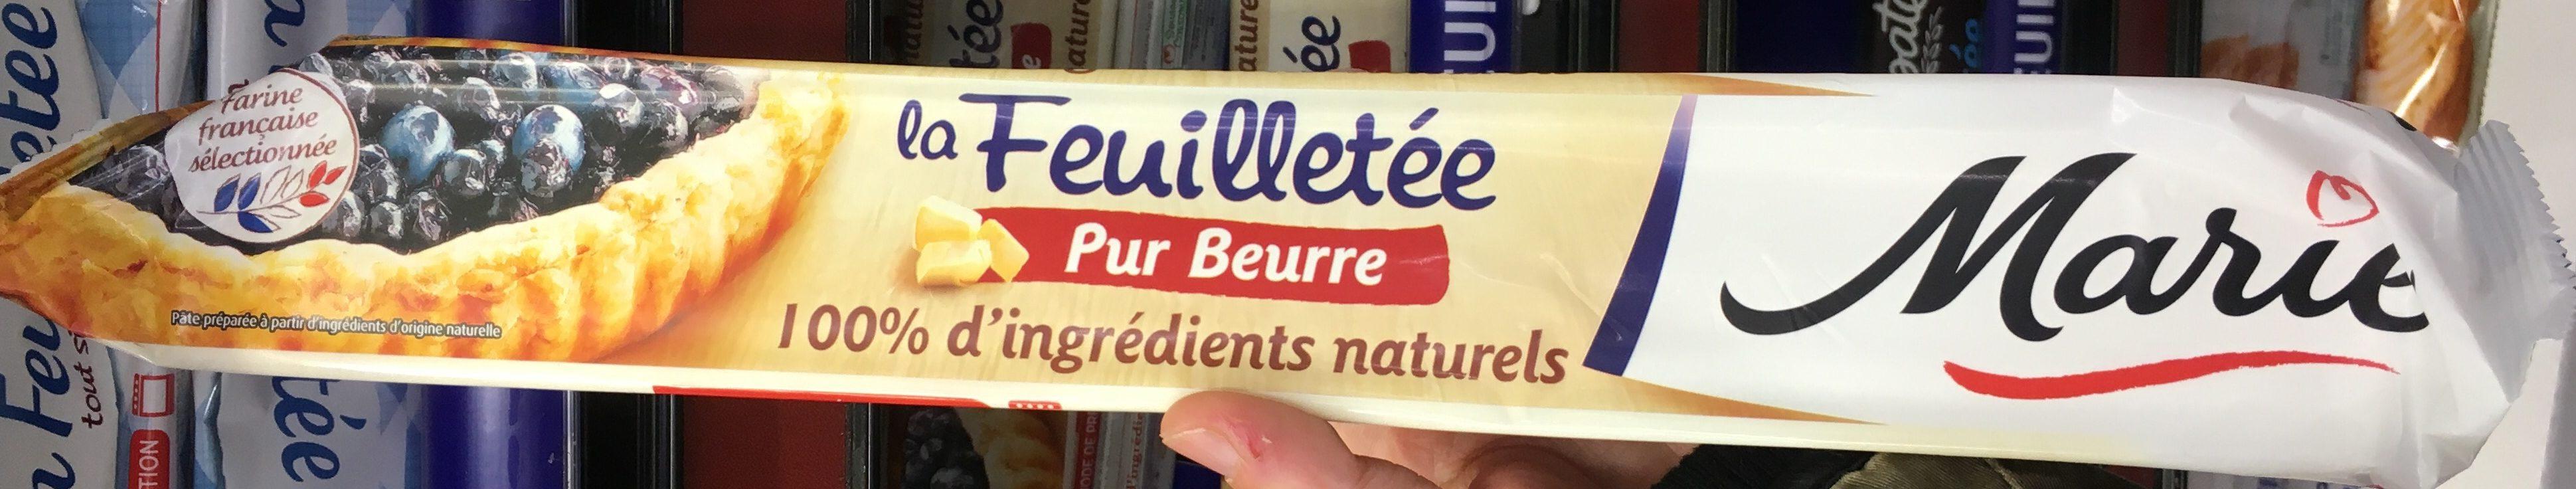 La Pâte Feuilletée - Pur Beurre - Product